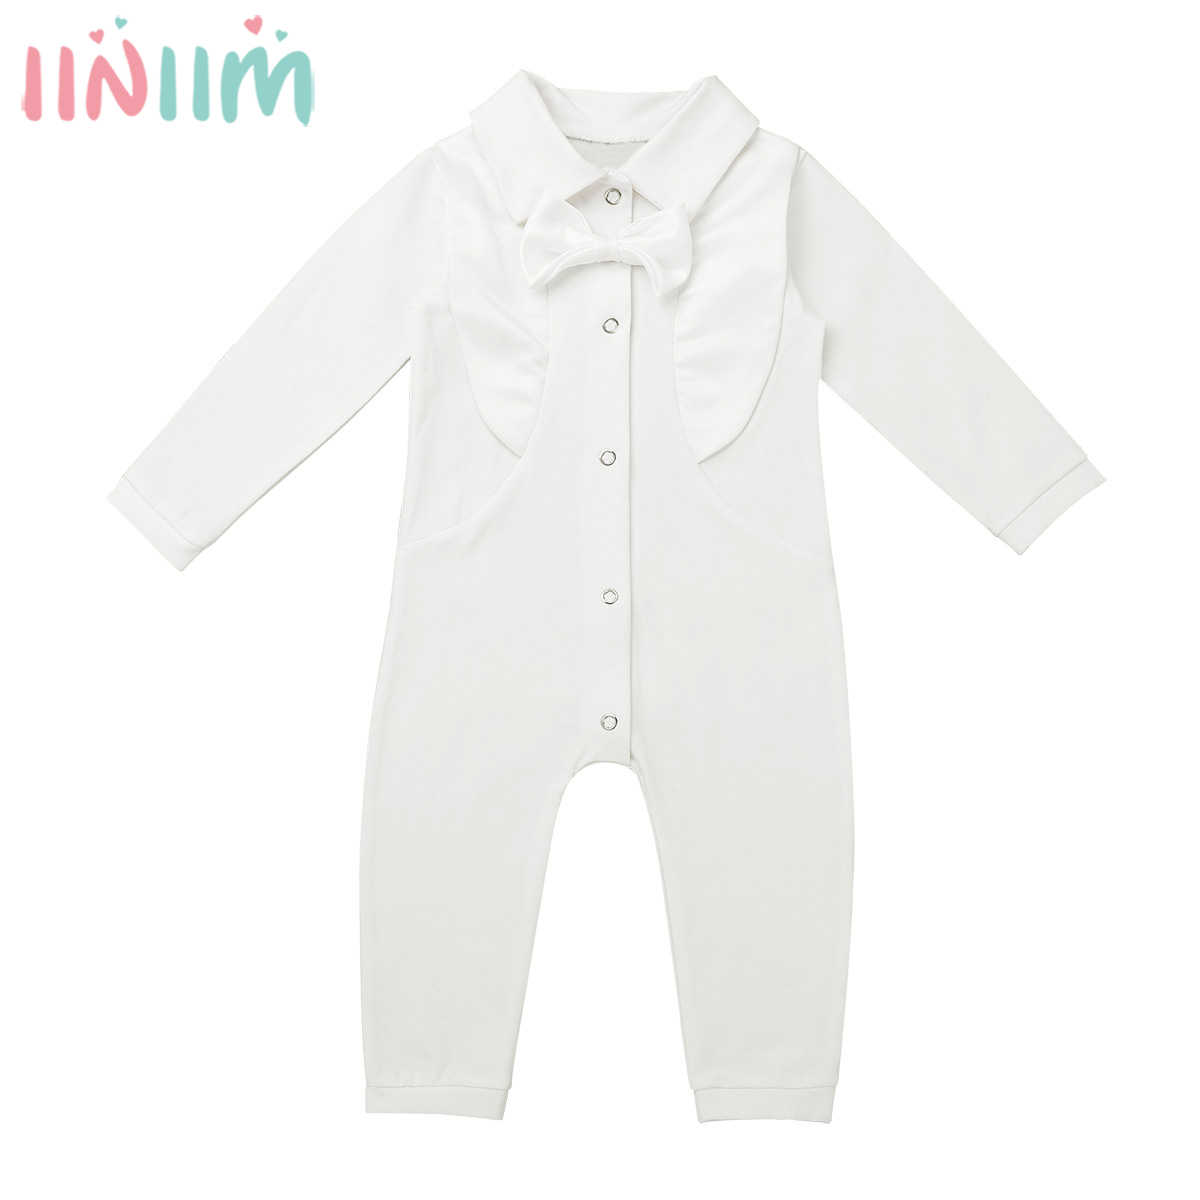 78baf31932dd5 Detail Feedback Questions about Newborns Infant Baby Boys Clothing ...